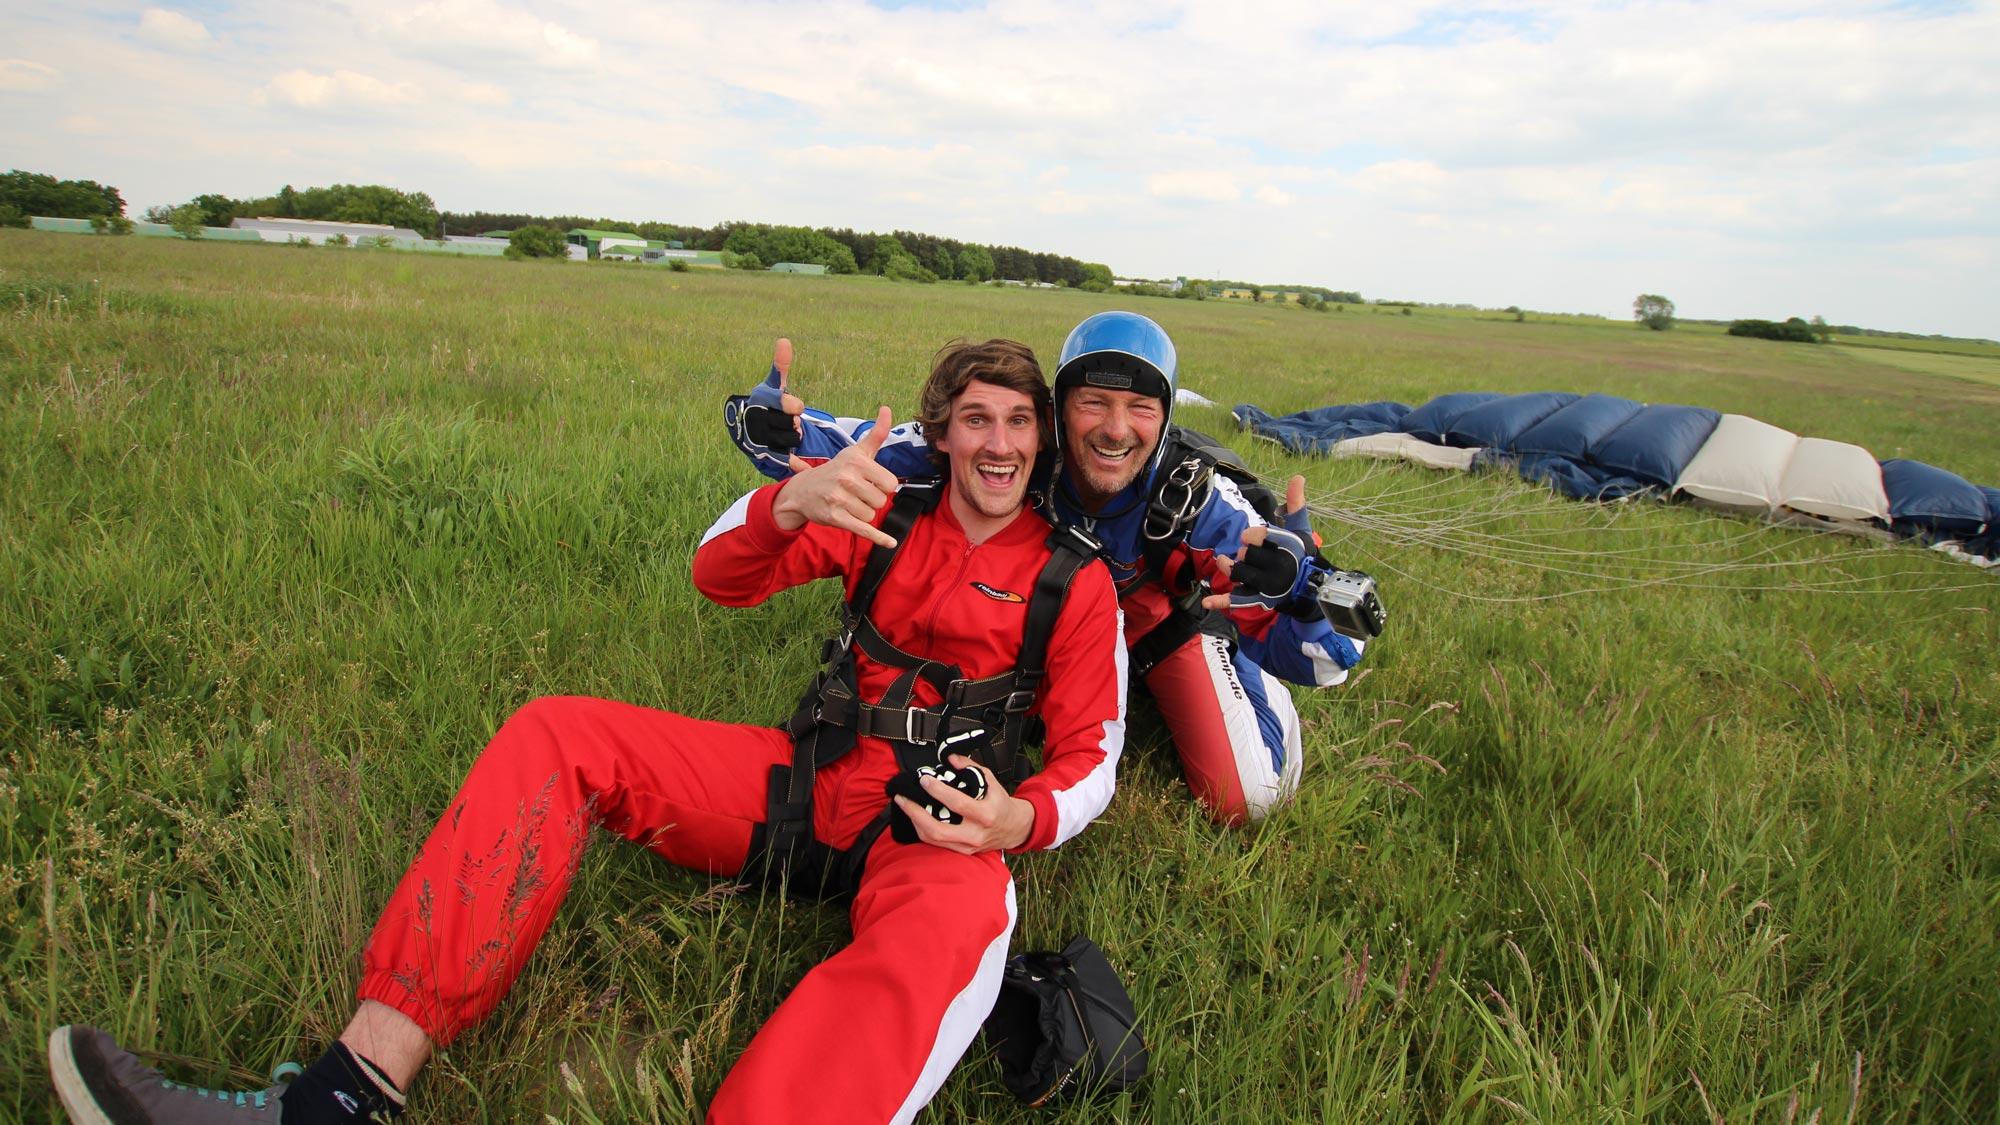 Teamevent Tandemspringen bei TAKE OFF: Teammitglied glücklich bei der Landung